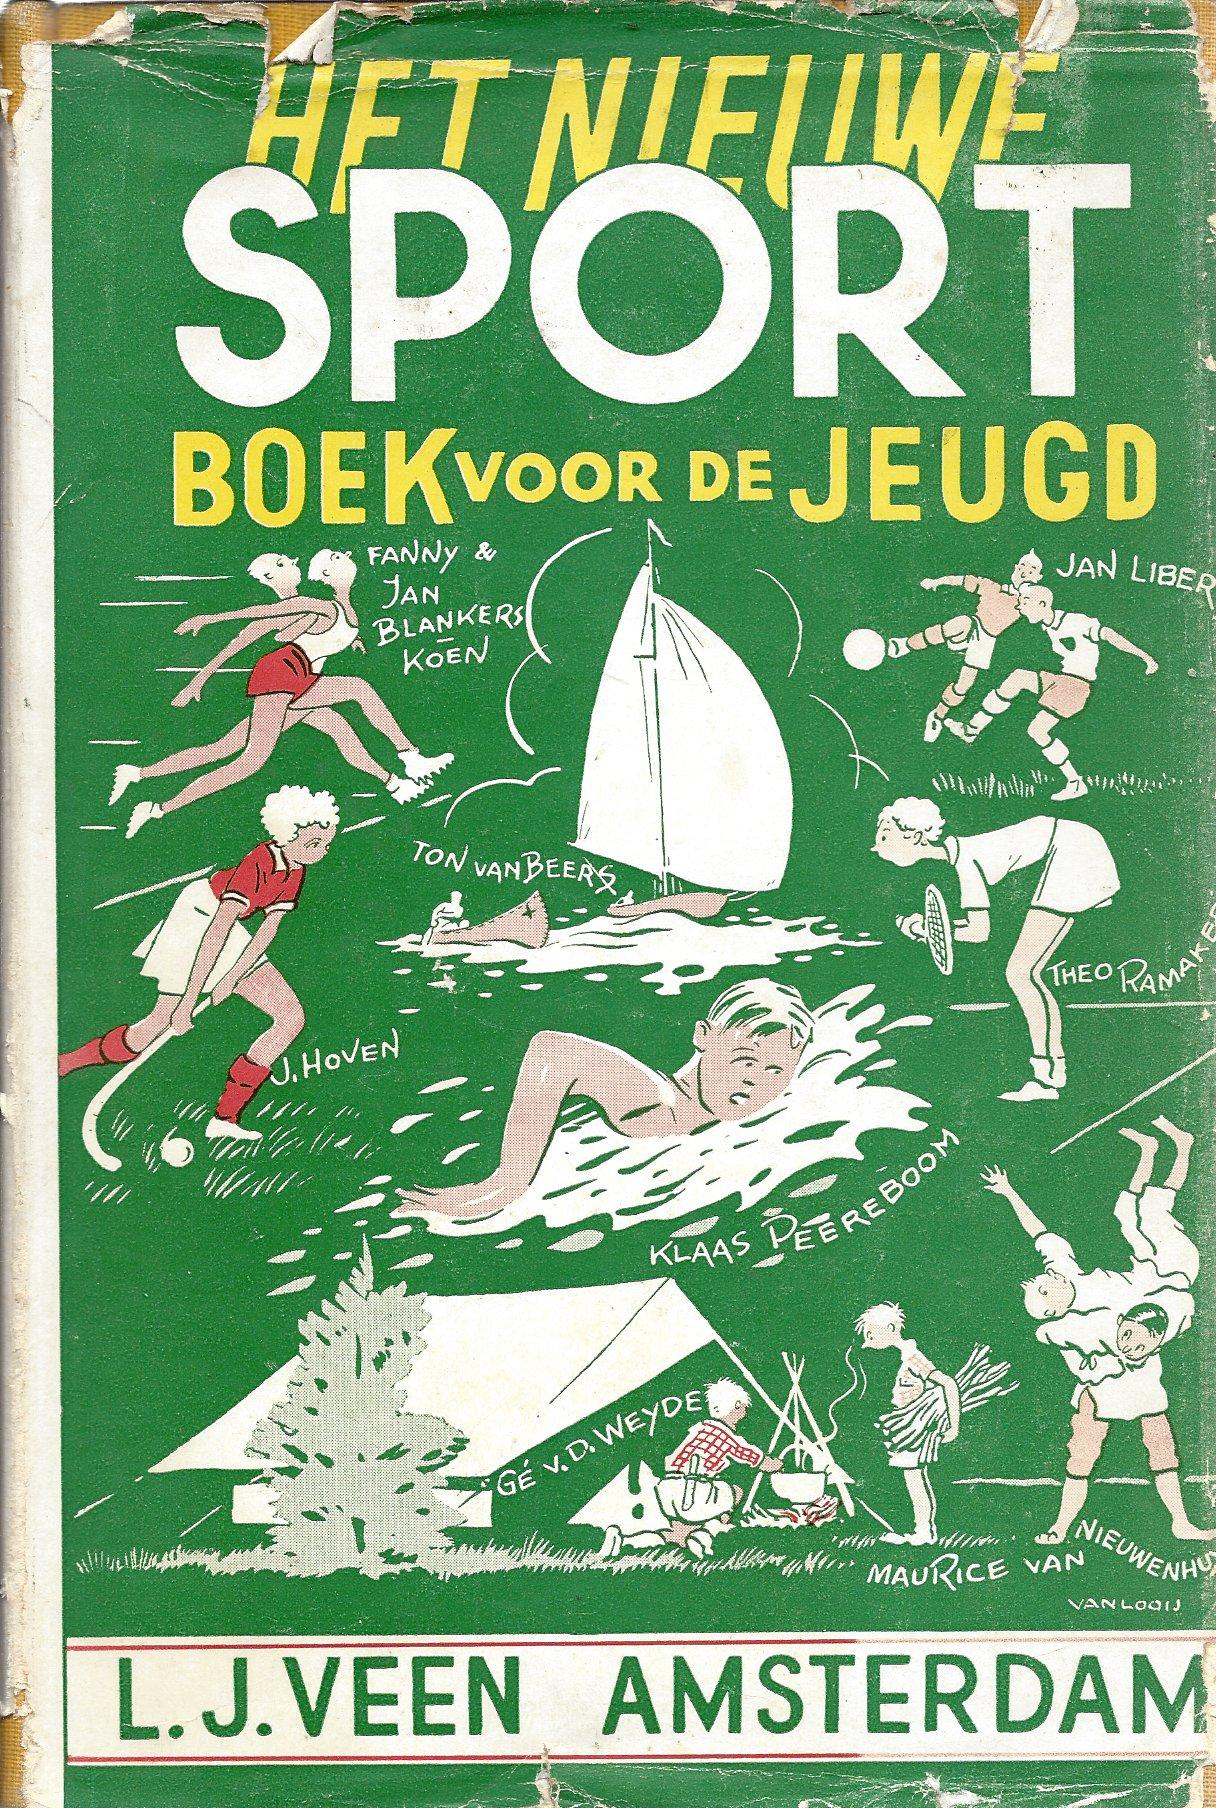 Ramaker, Theo et all - Het nieuwe sportboek voor de jeugd